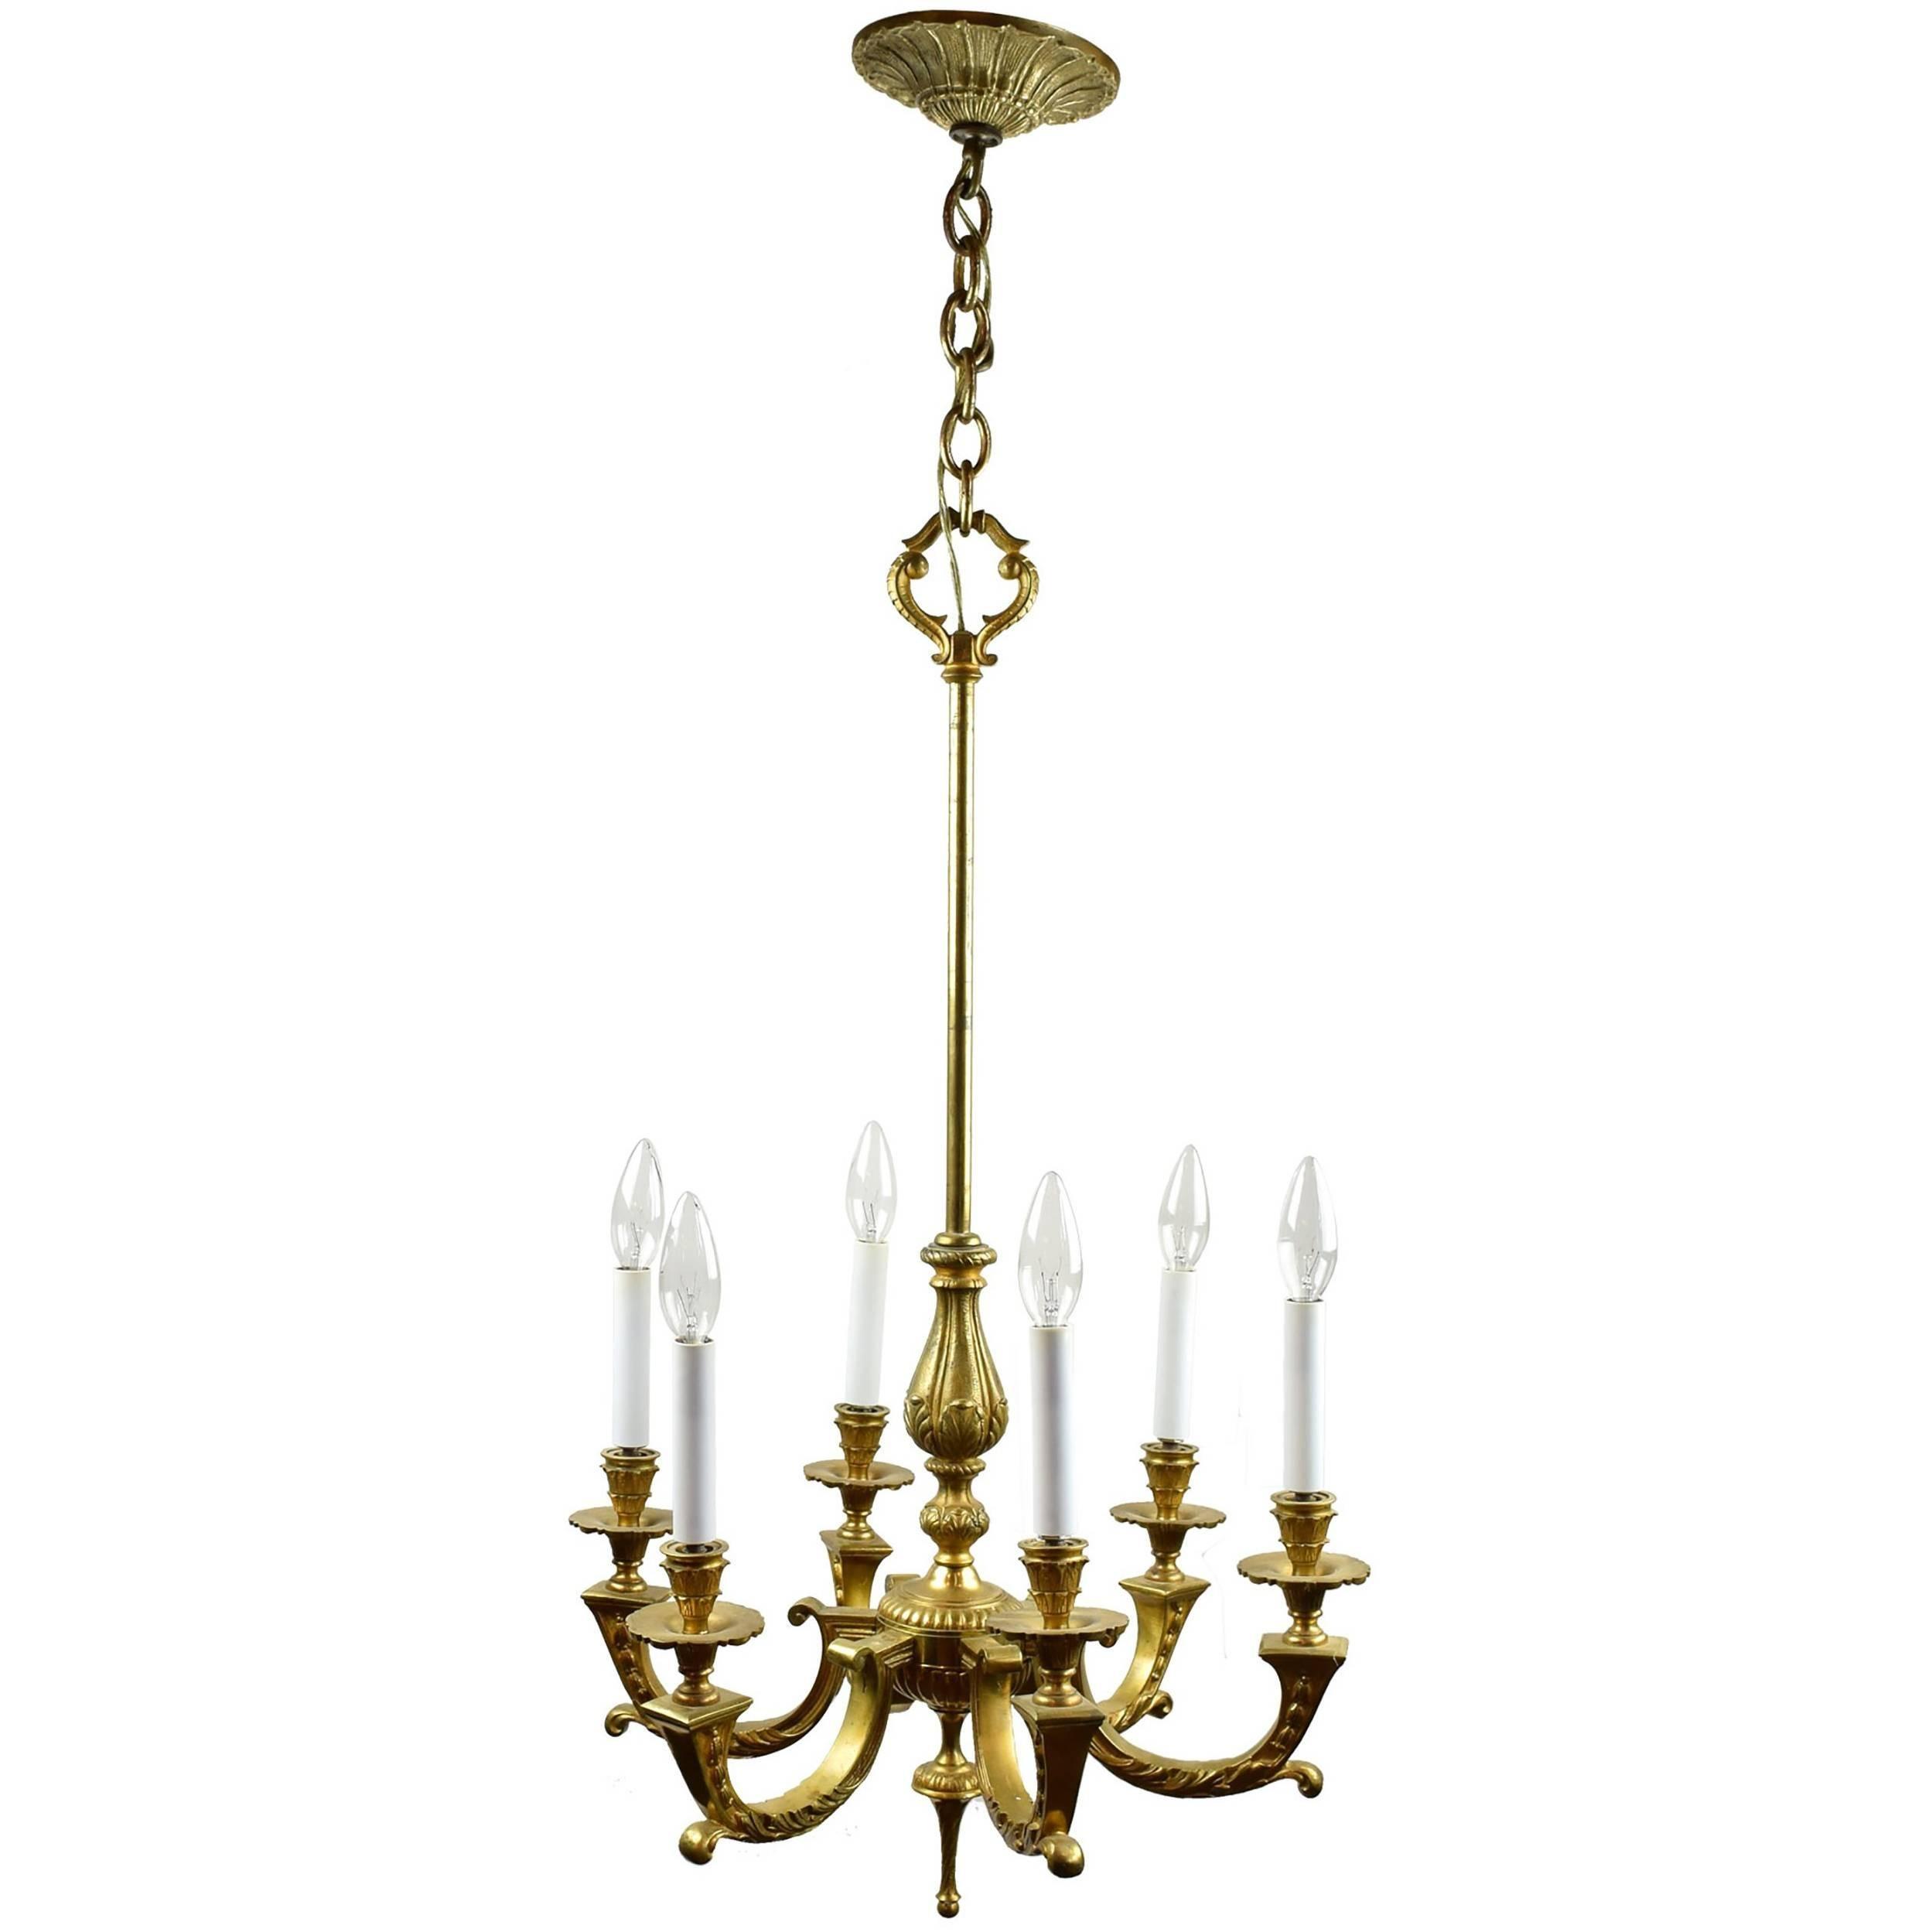 Six Arm Cast Brass Chandelier